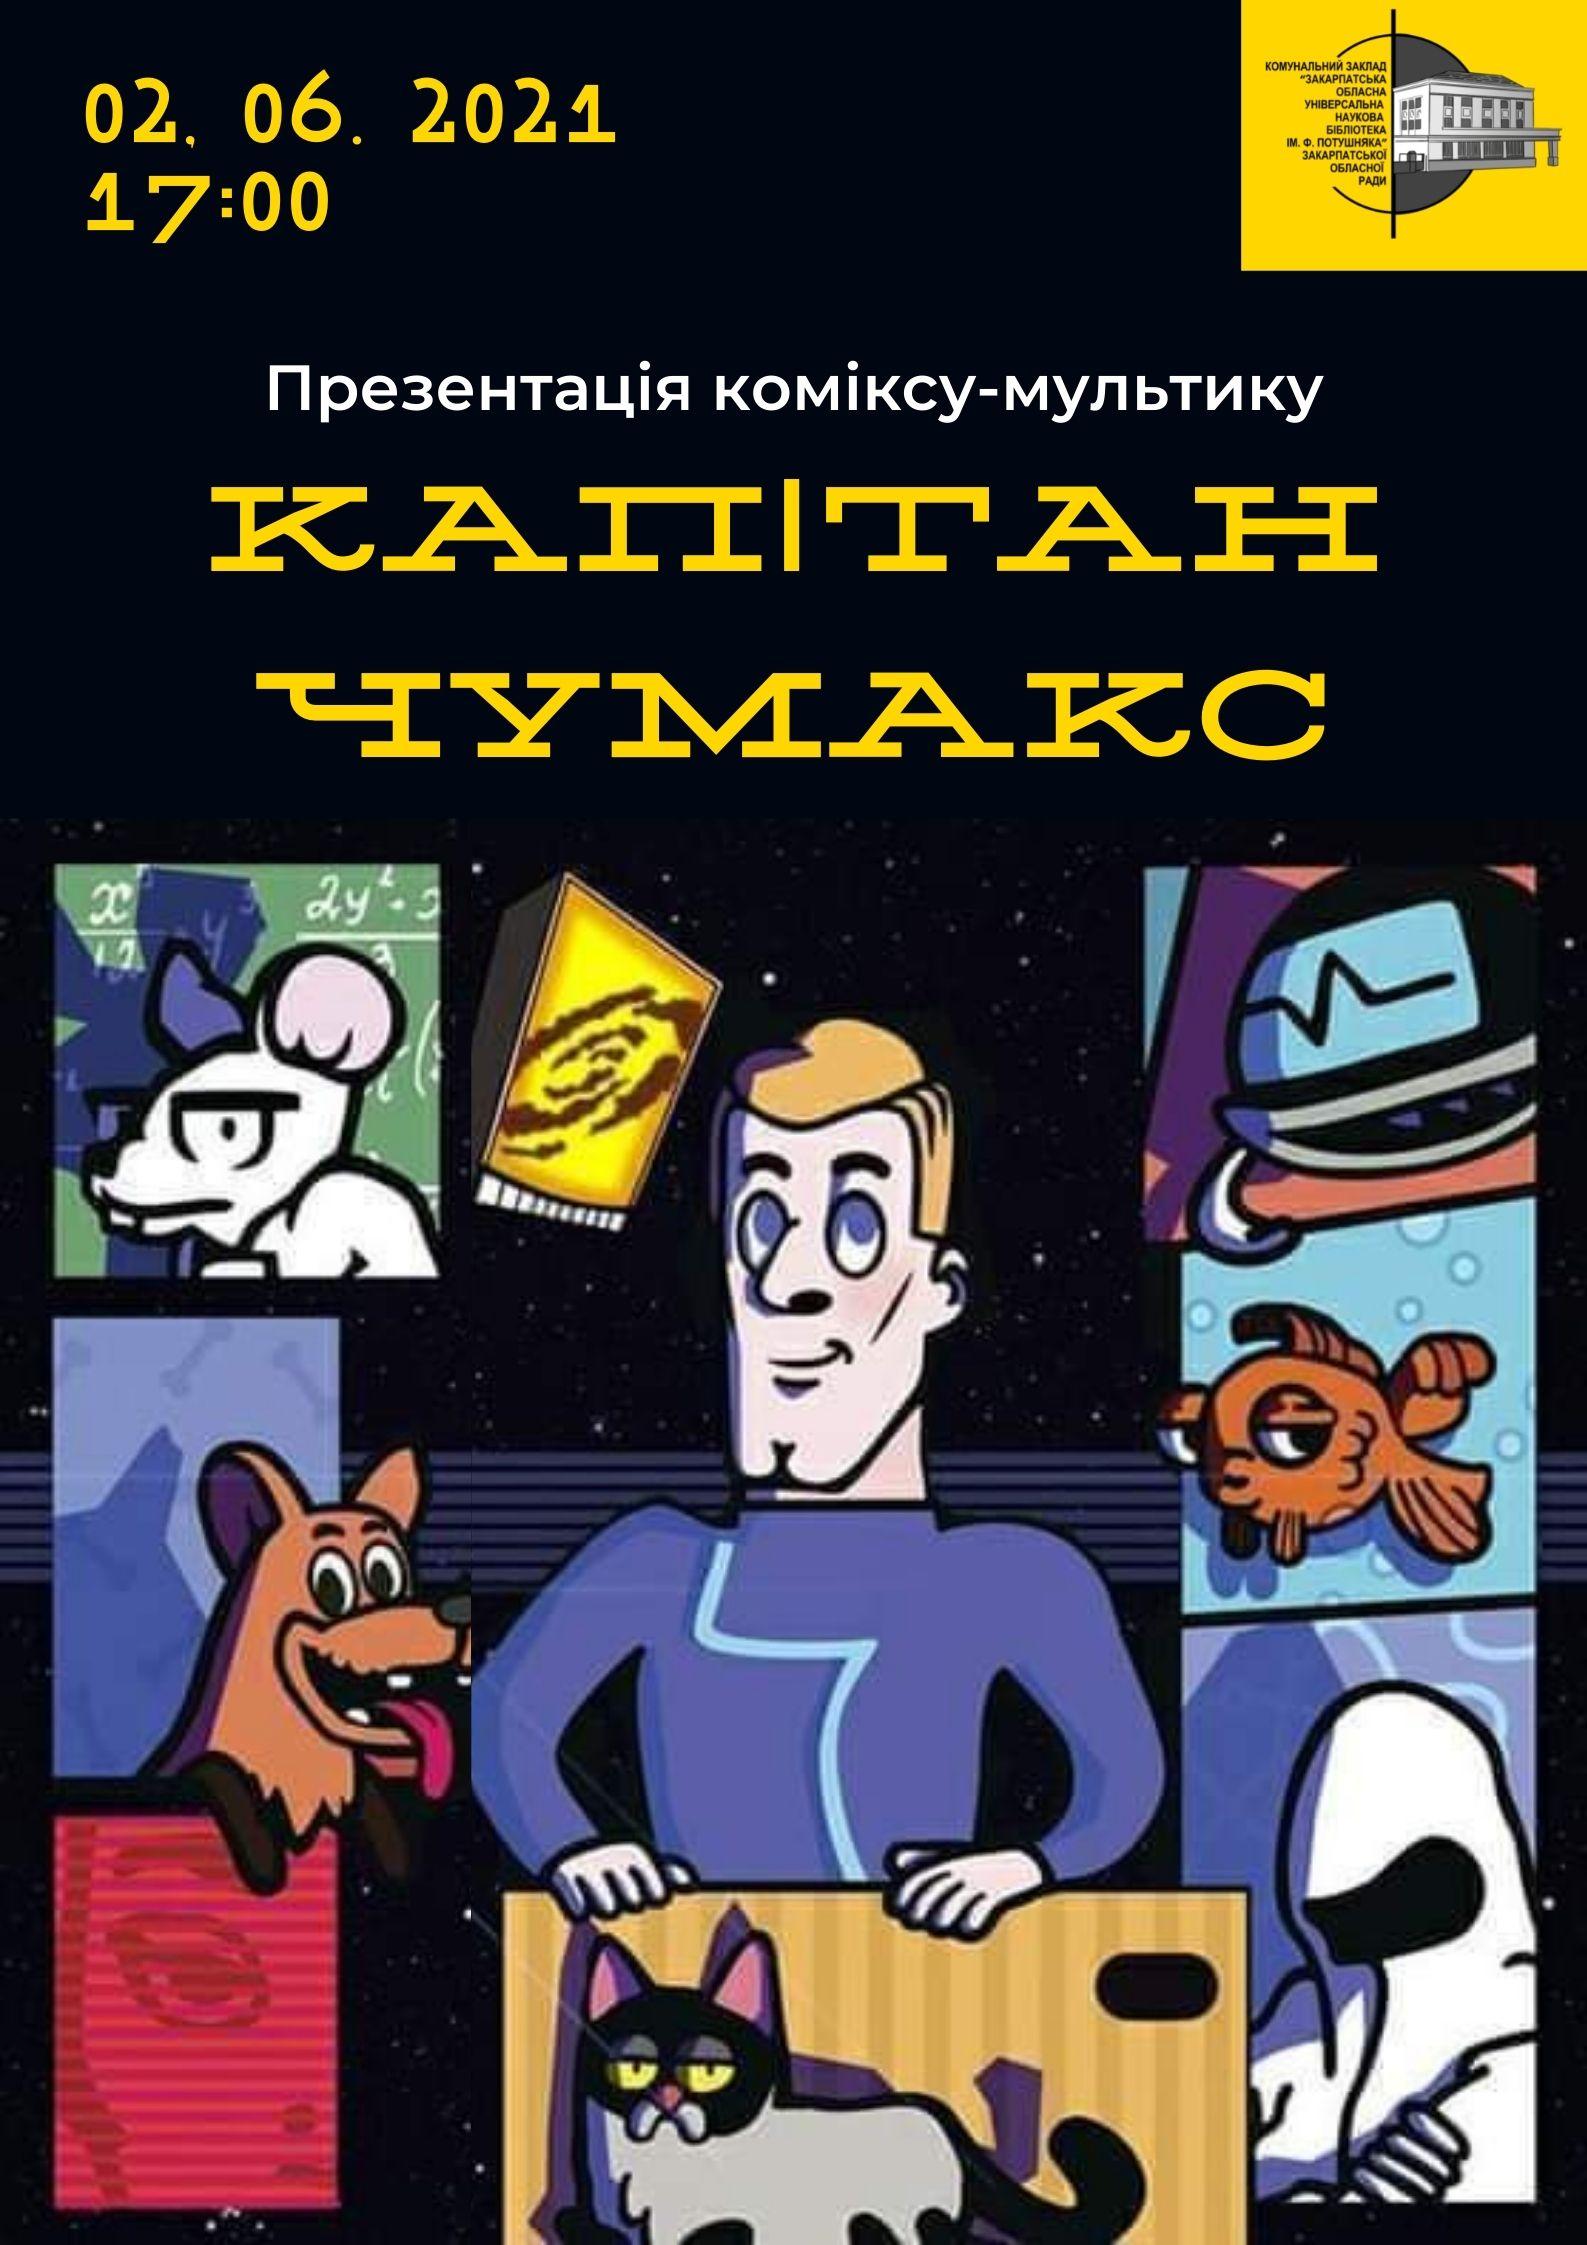 2 июня в 17:00 в Закарпатской областной универсальной научной библиотеке. Ф. Пушняк (16 Svobody Ave.) представит комикс-мультфильм